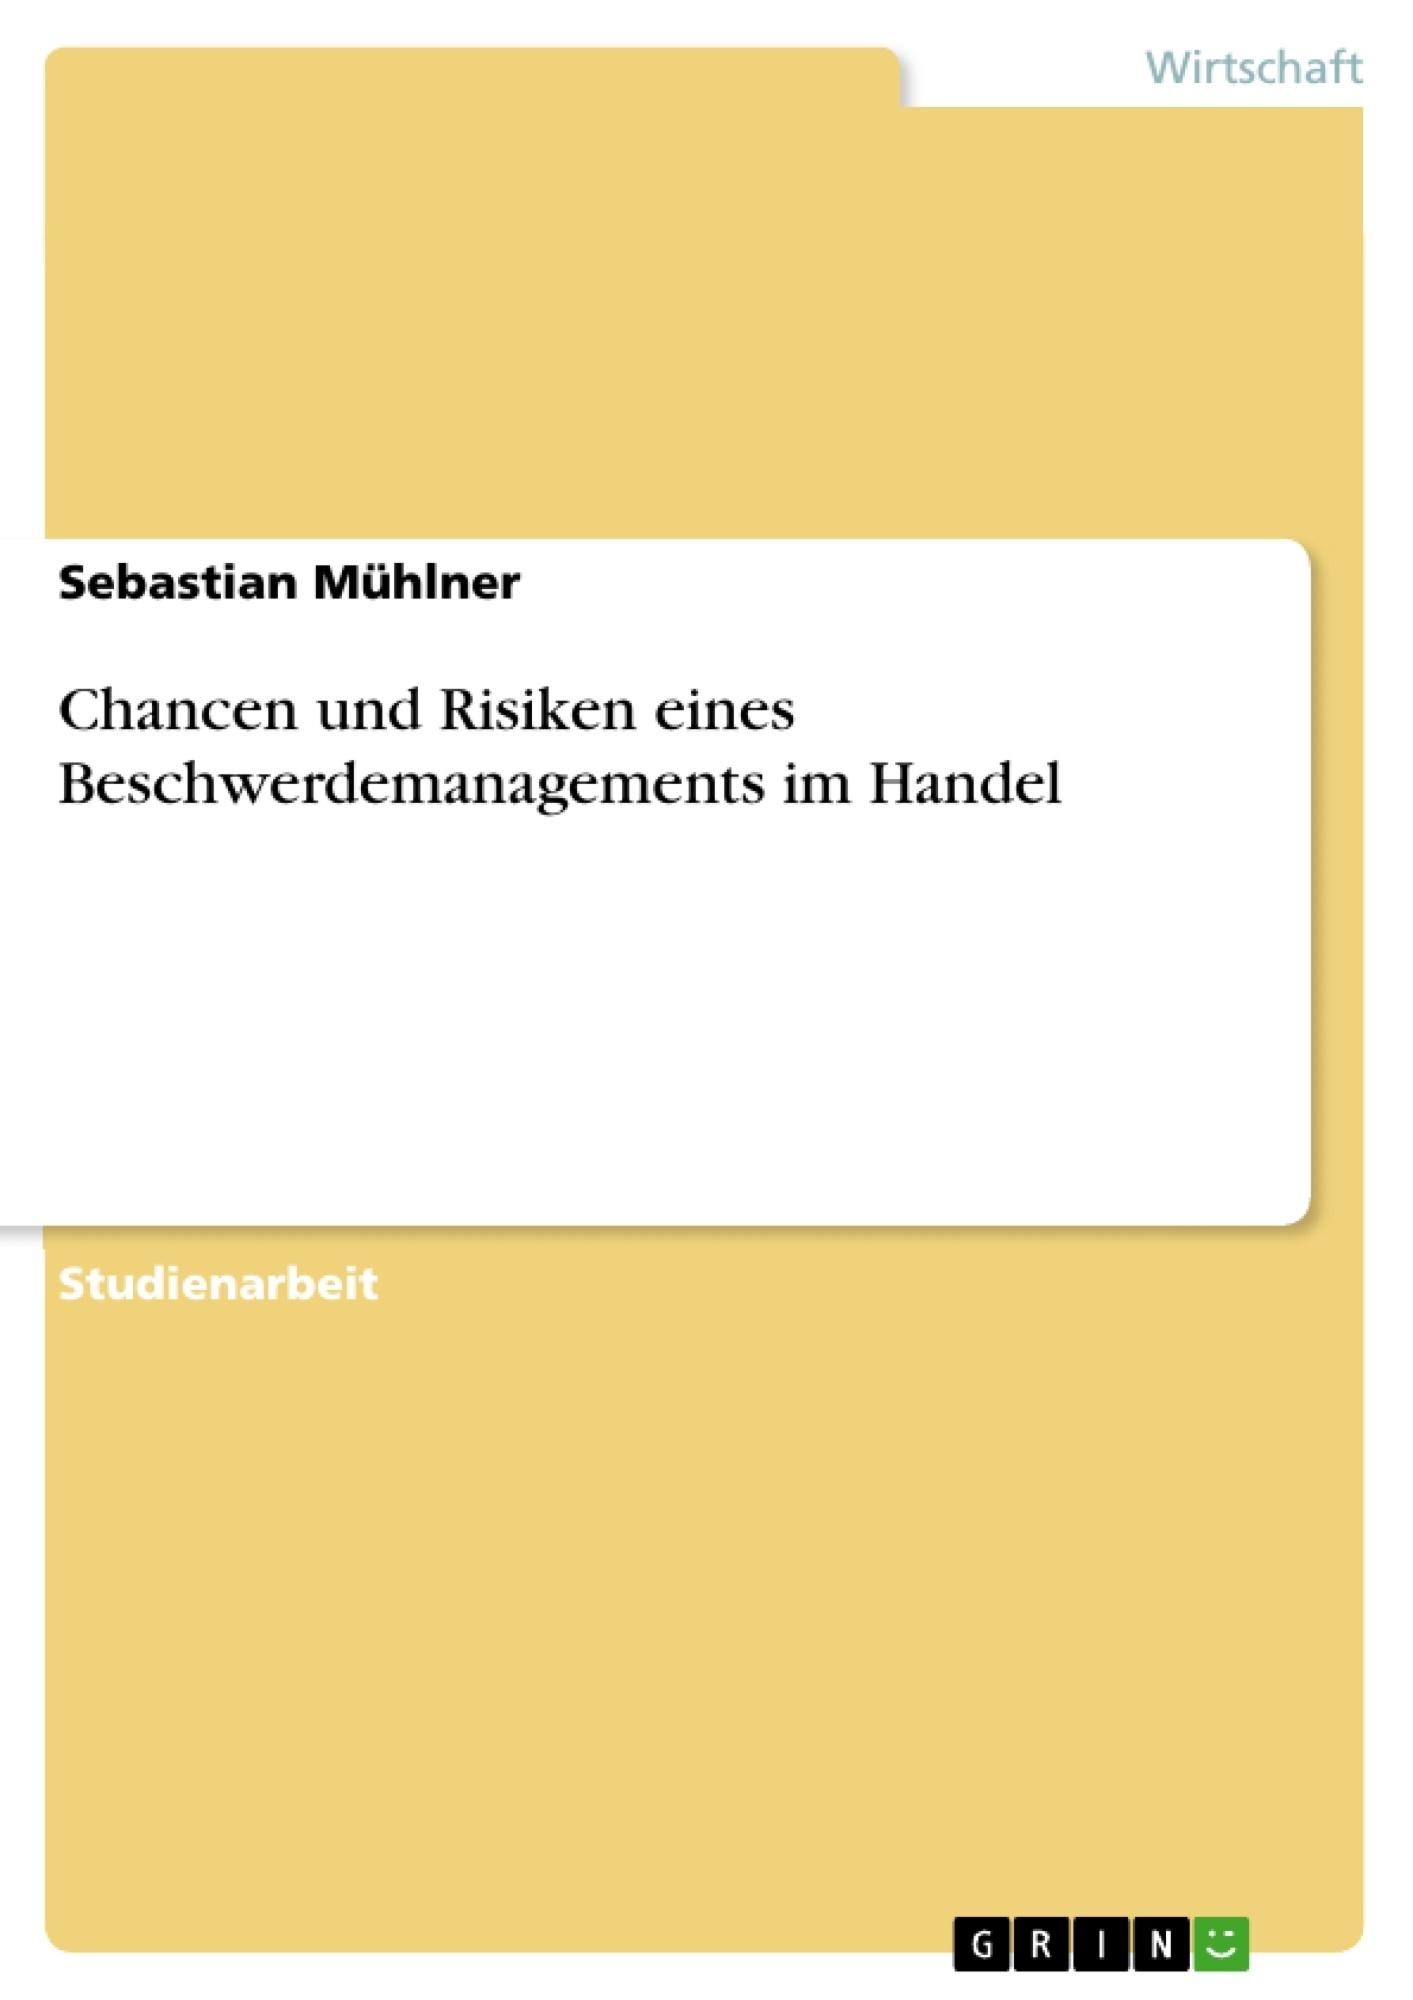 Titel: Chancen und Risiken eines Beschwerdemanagements im Handel